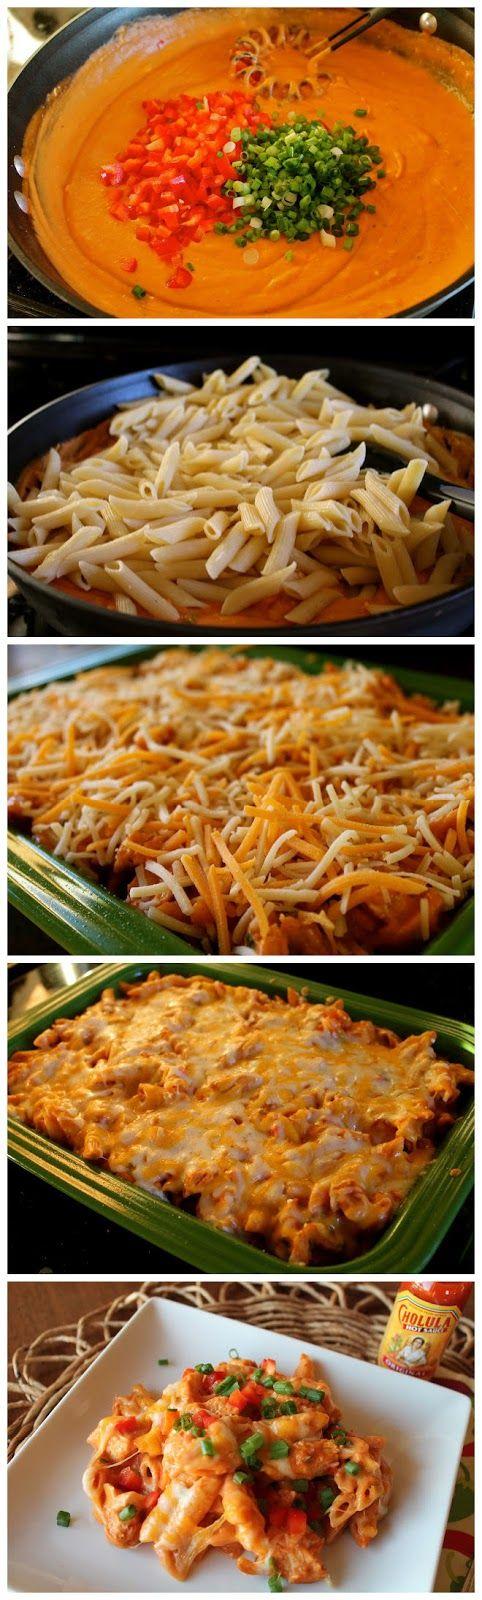 Recipe Favorite: Cheesy Chicken Enchilada Pasta